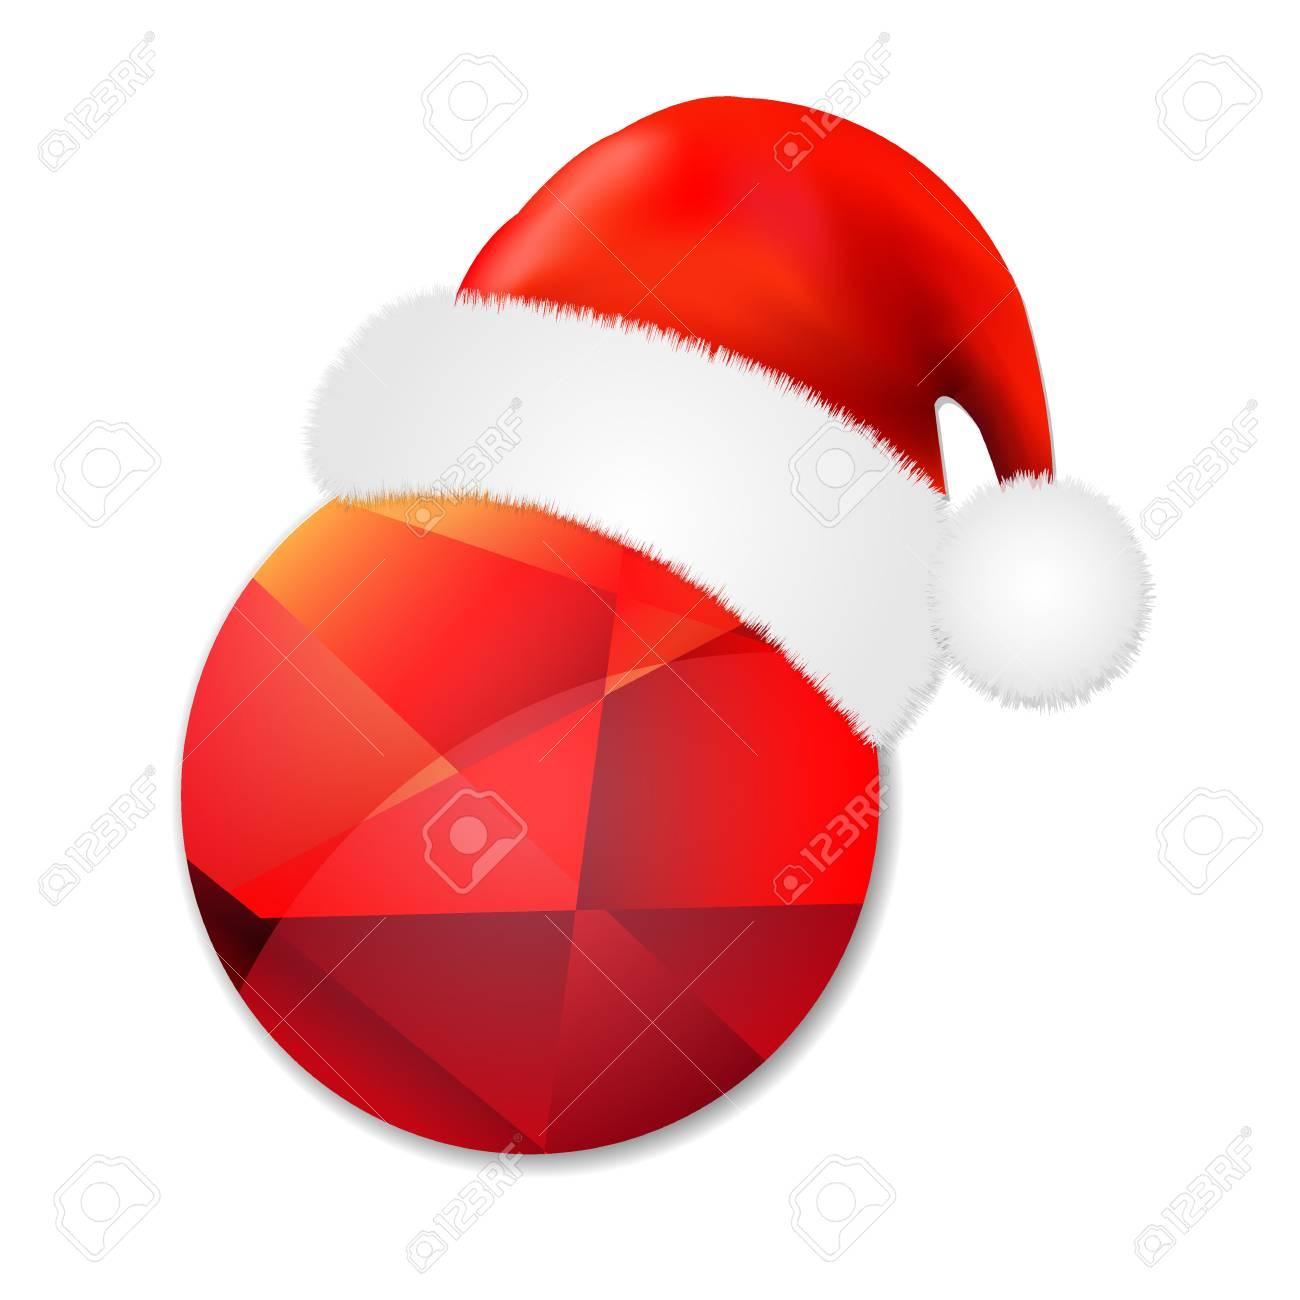 Cartel De Venta Con Gorra De Santa Claus e9c83915b38